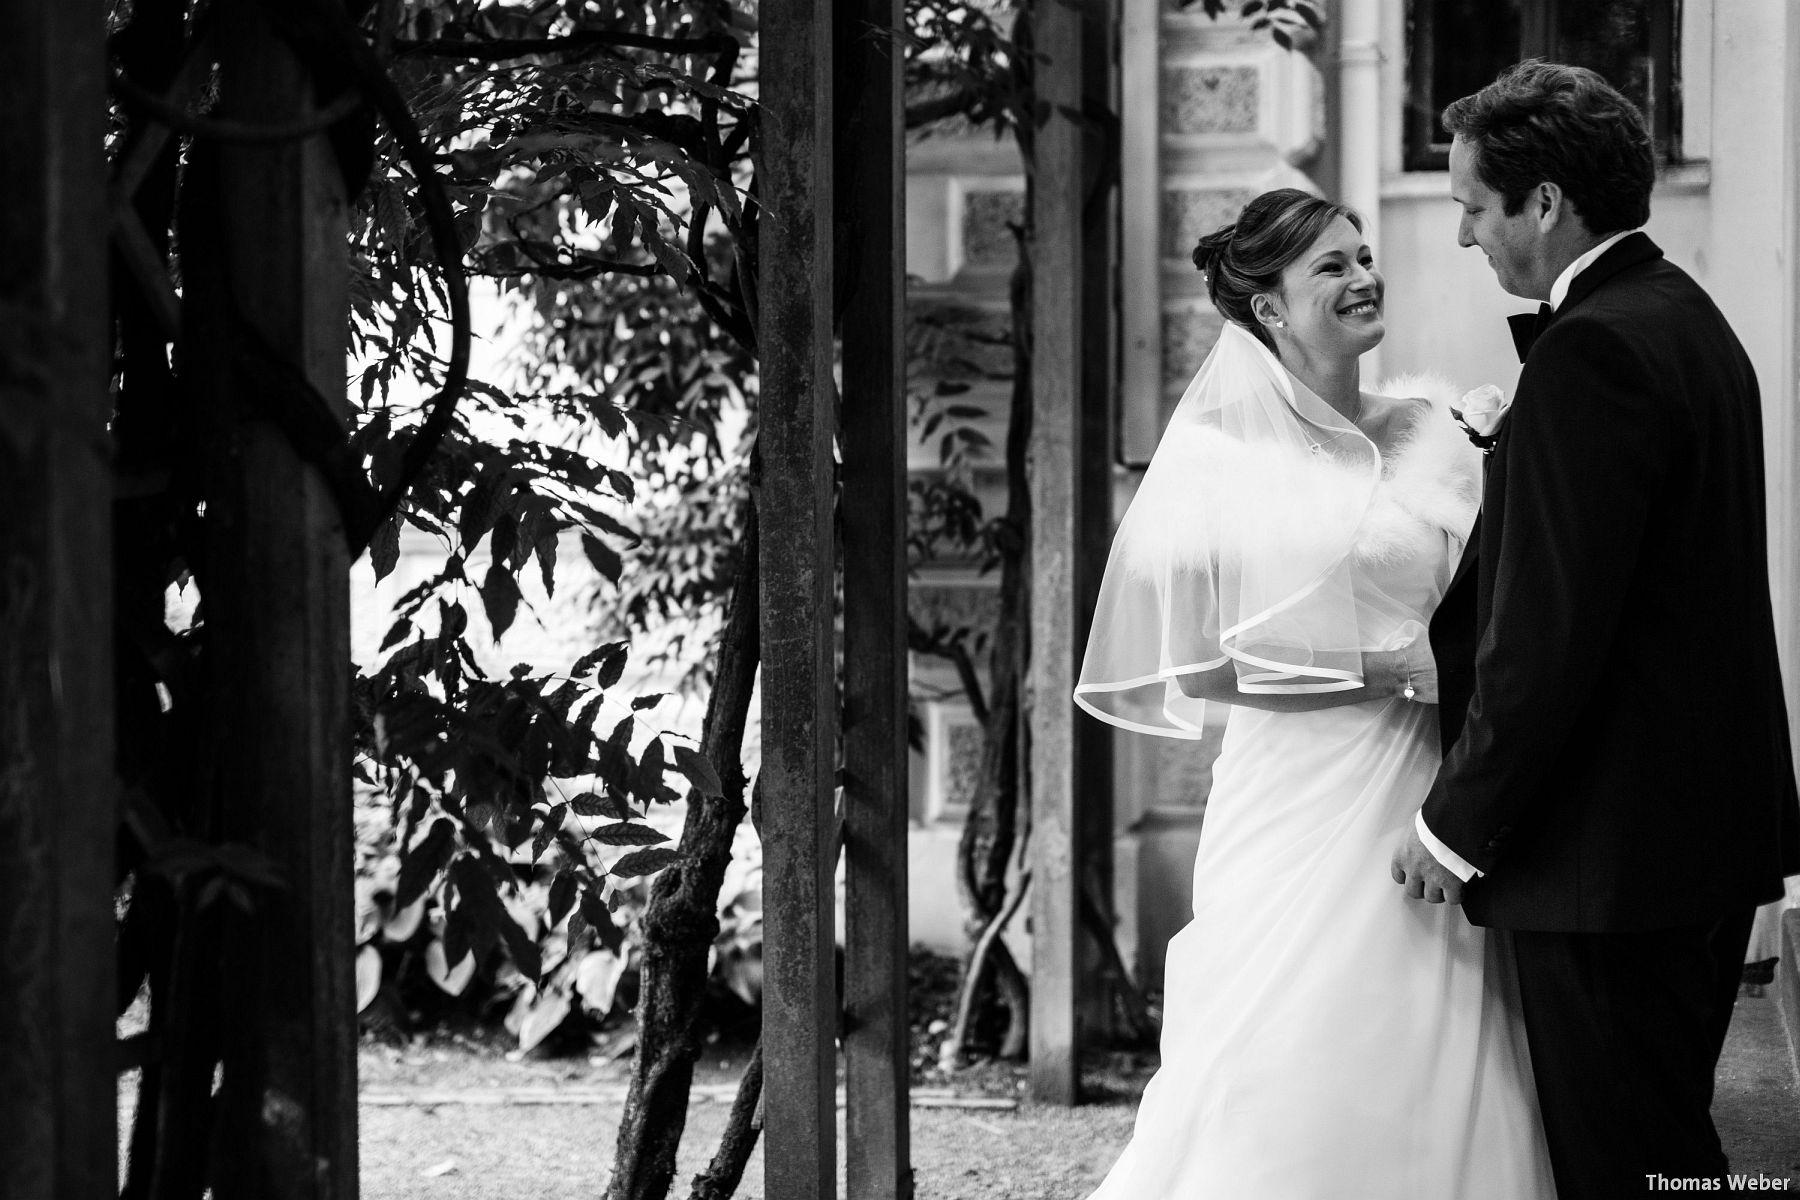 Hochzeitsfotograf Rastede: Kirchliche Trauung in der St. Ulrichs Kirche Rastede und Hochzeitsfeier in der Eventscheune St Georg Rastede mit dem Catering von Split Food (Michael Niebuhr) aus Oldenburg (38)